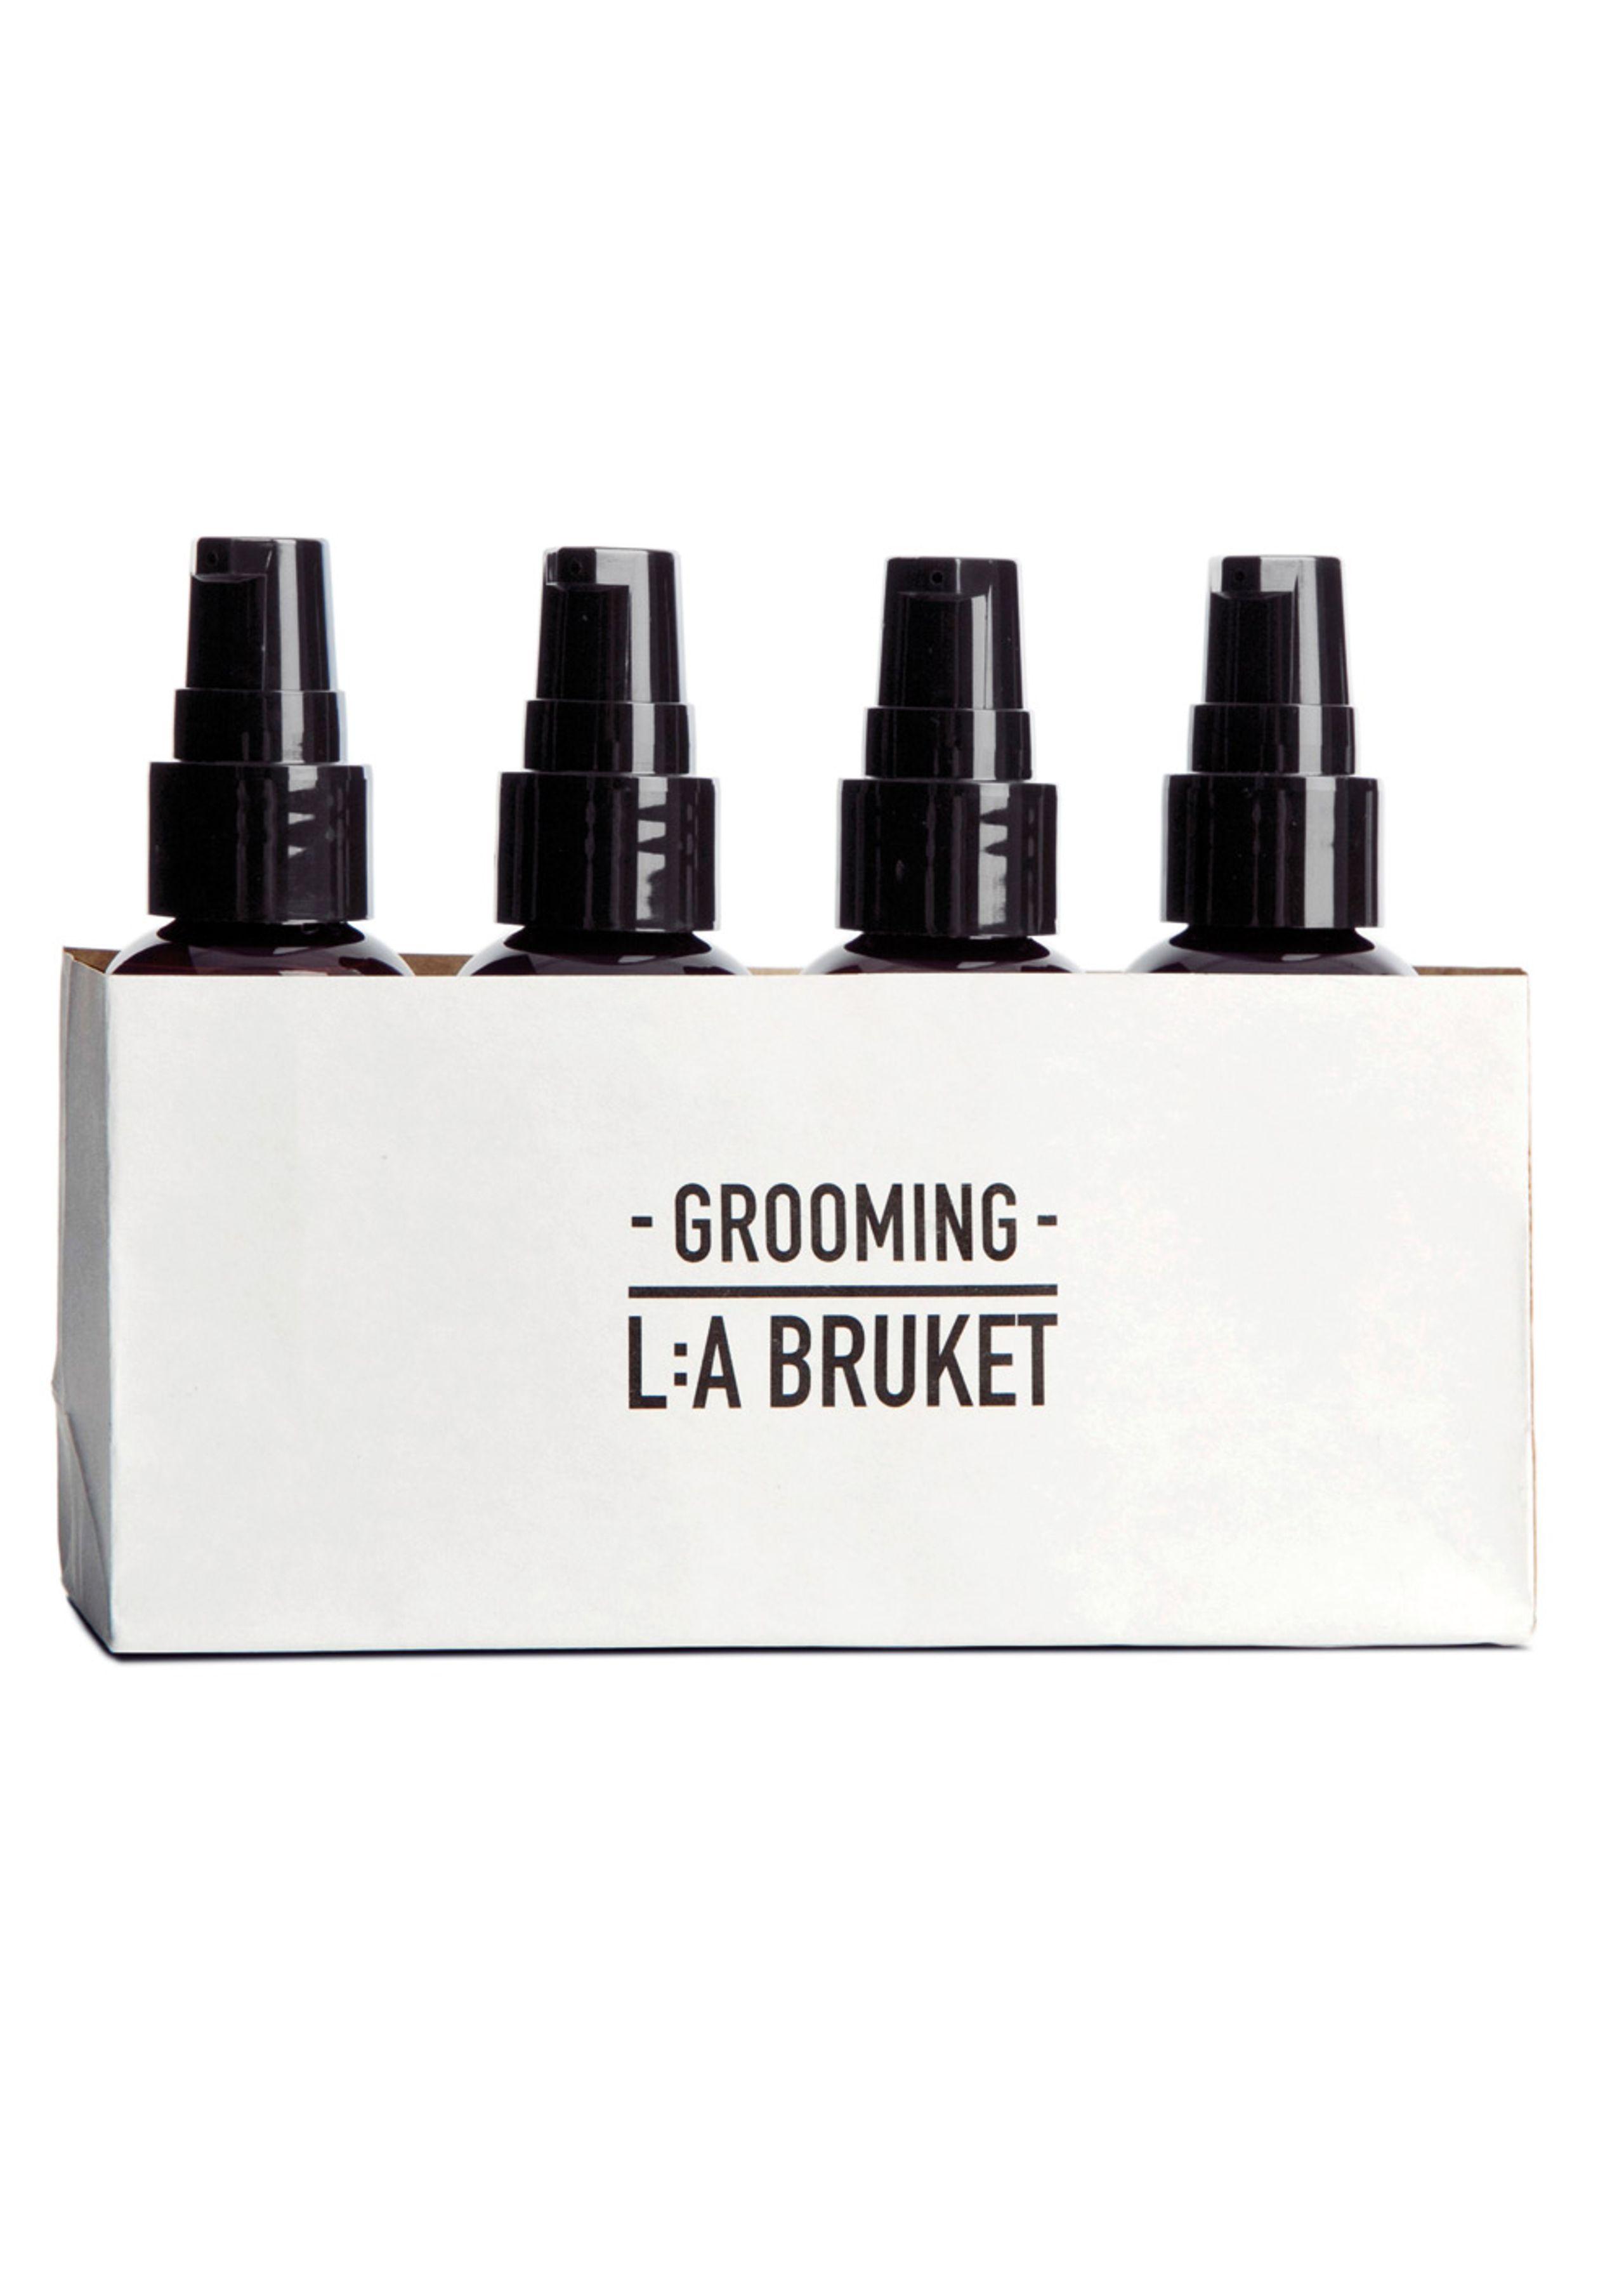 Mens grooming kit - 4 x 60 ml